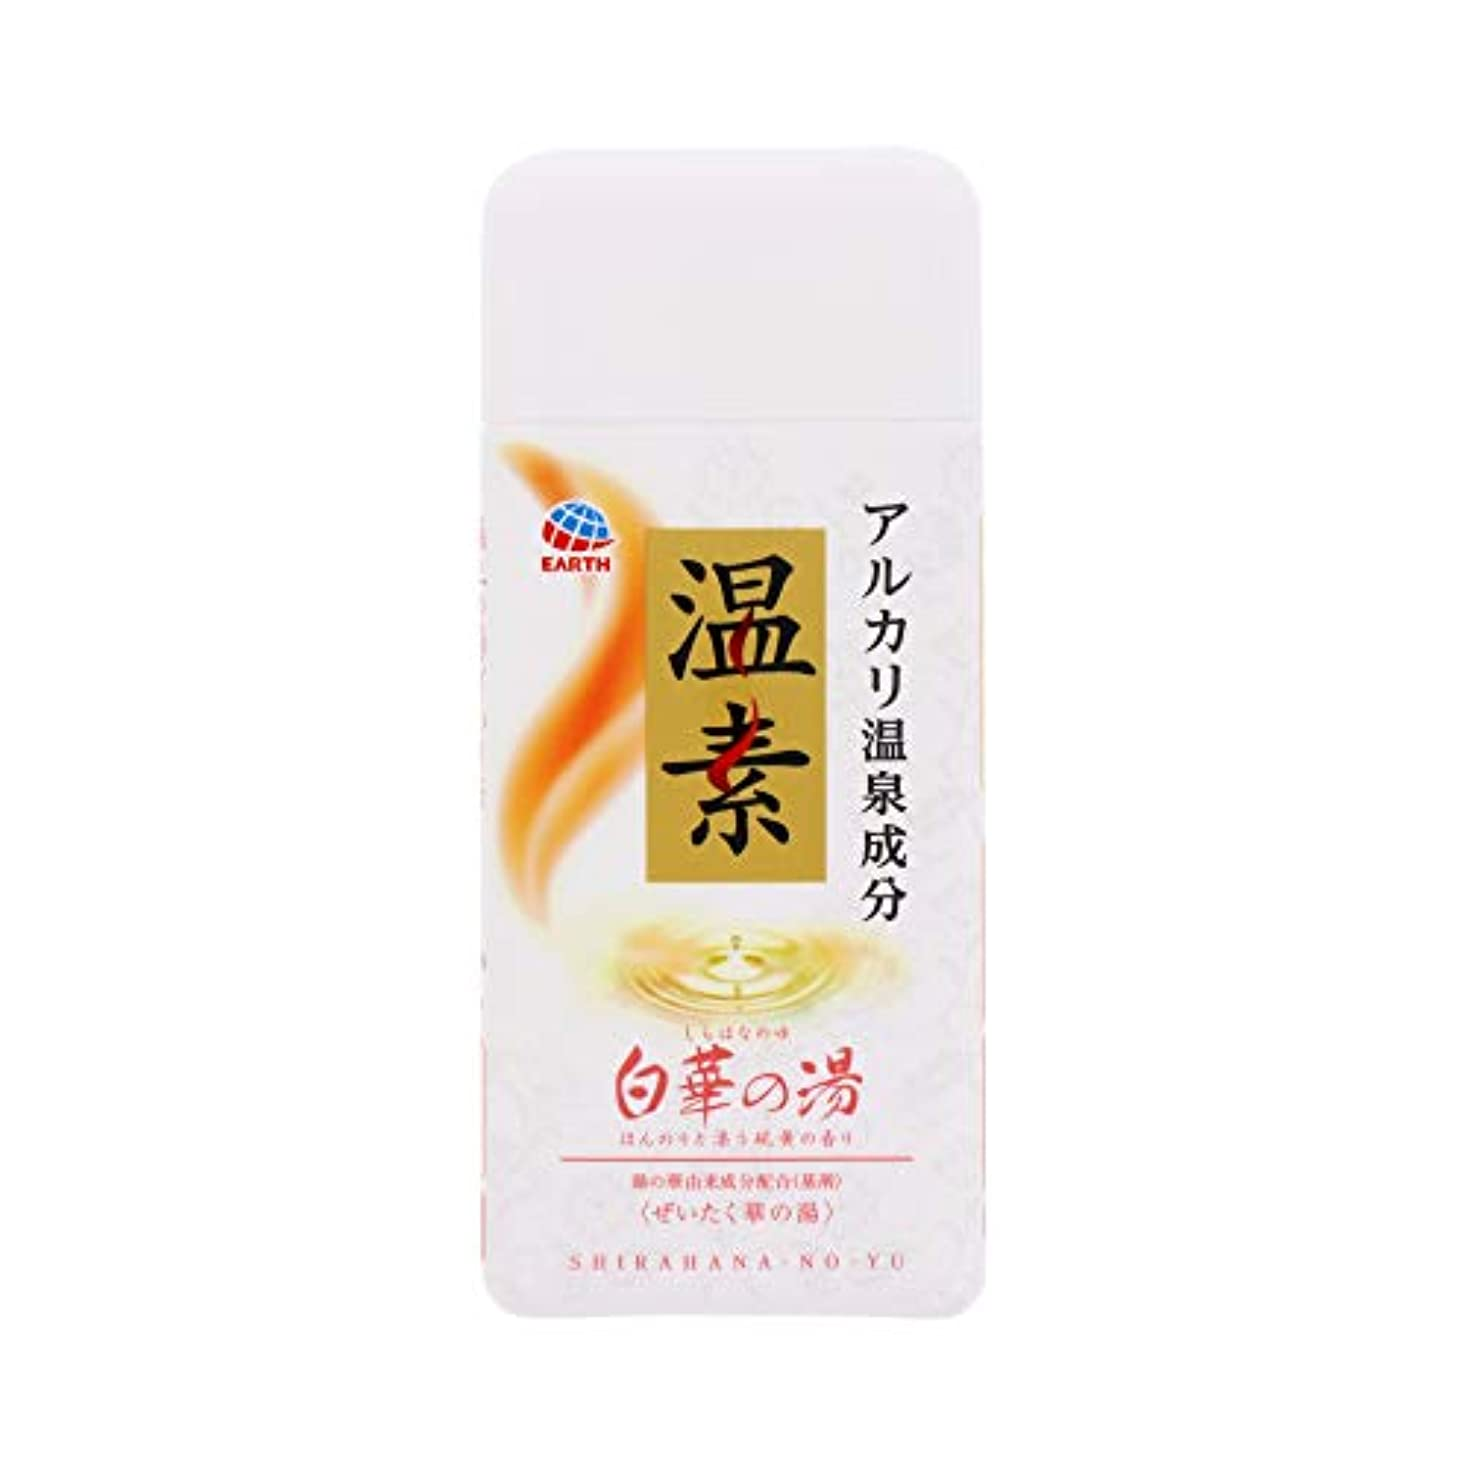 セミナー実際に【医薬部外品】温素 入浴剤 白華の湯 [600g]